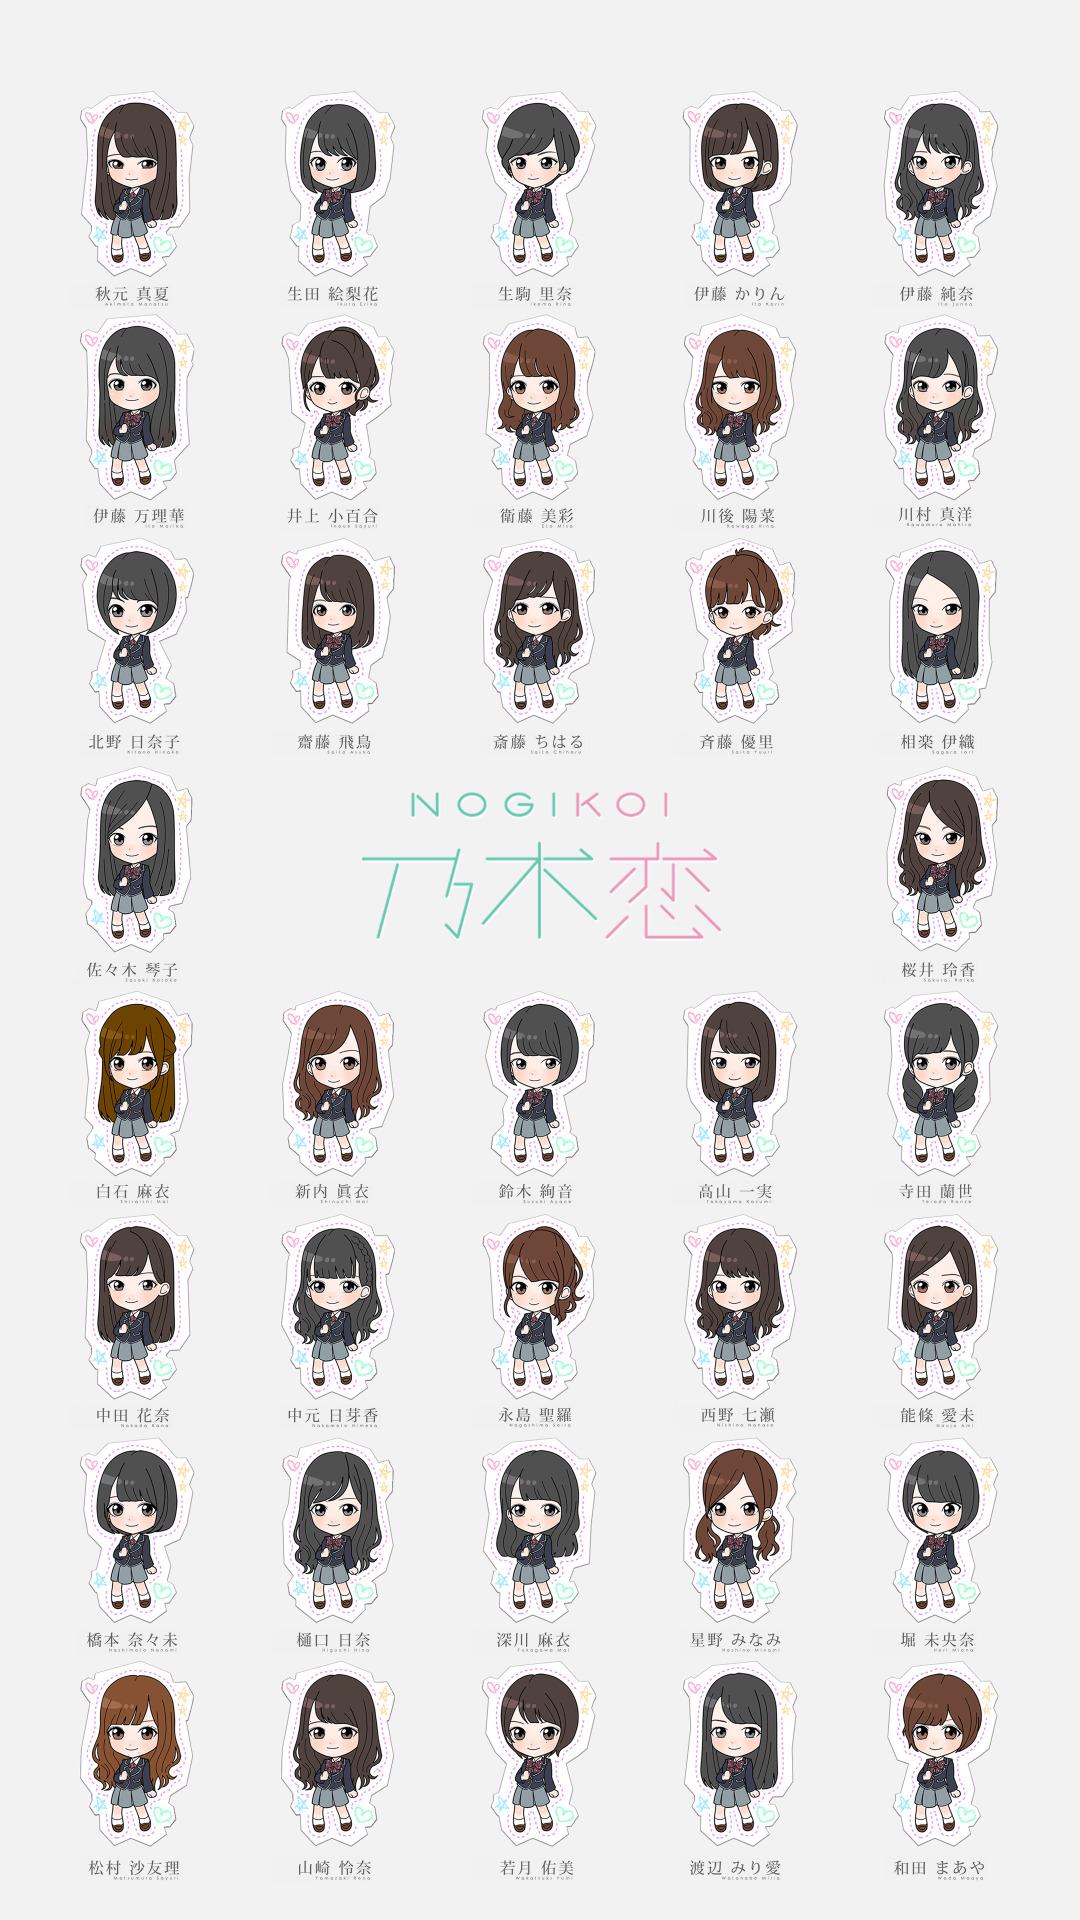 乃木坂46のLINE着せかえ  『乃木恋』ちびキャラバージョン5